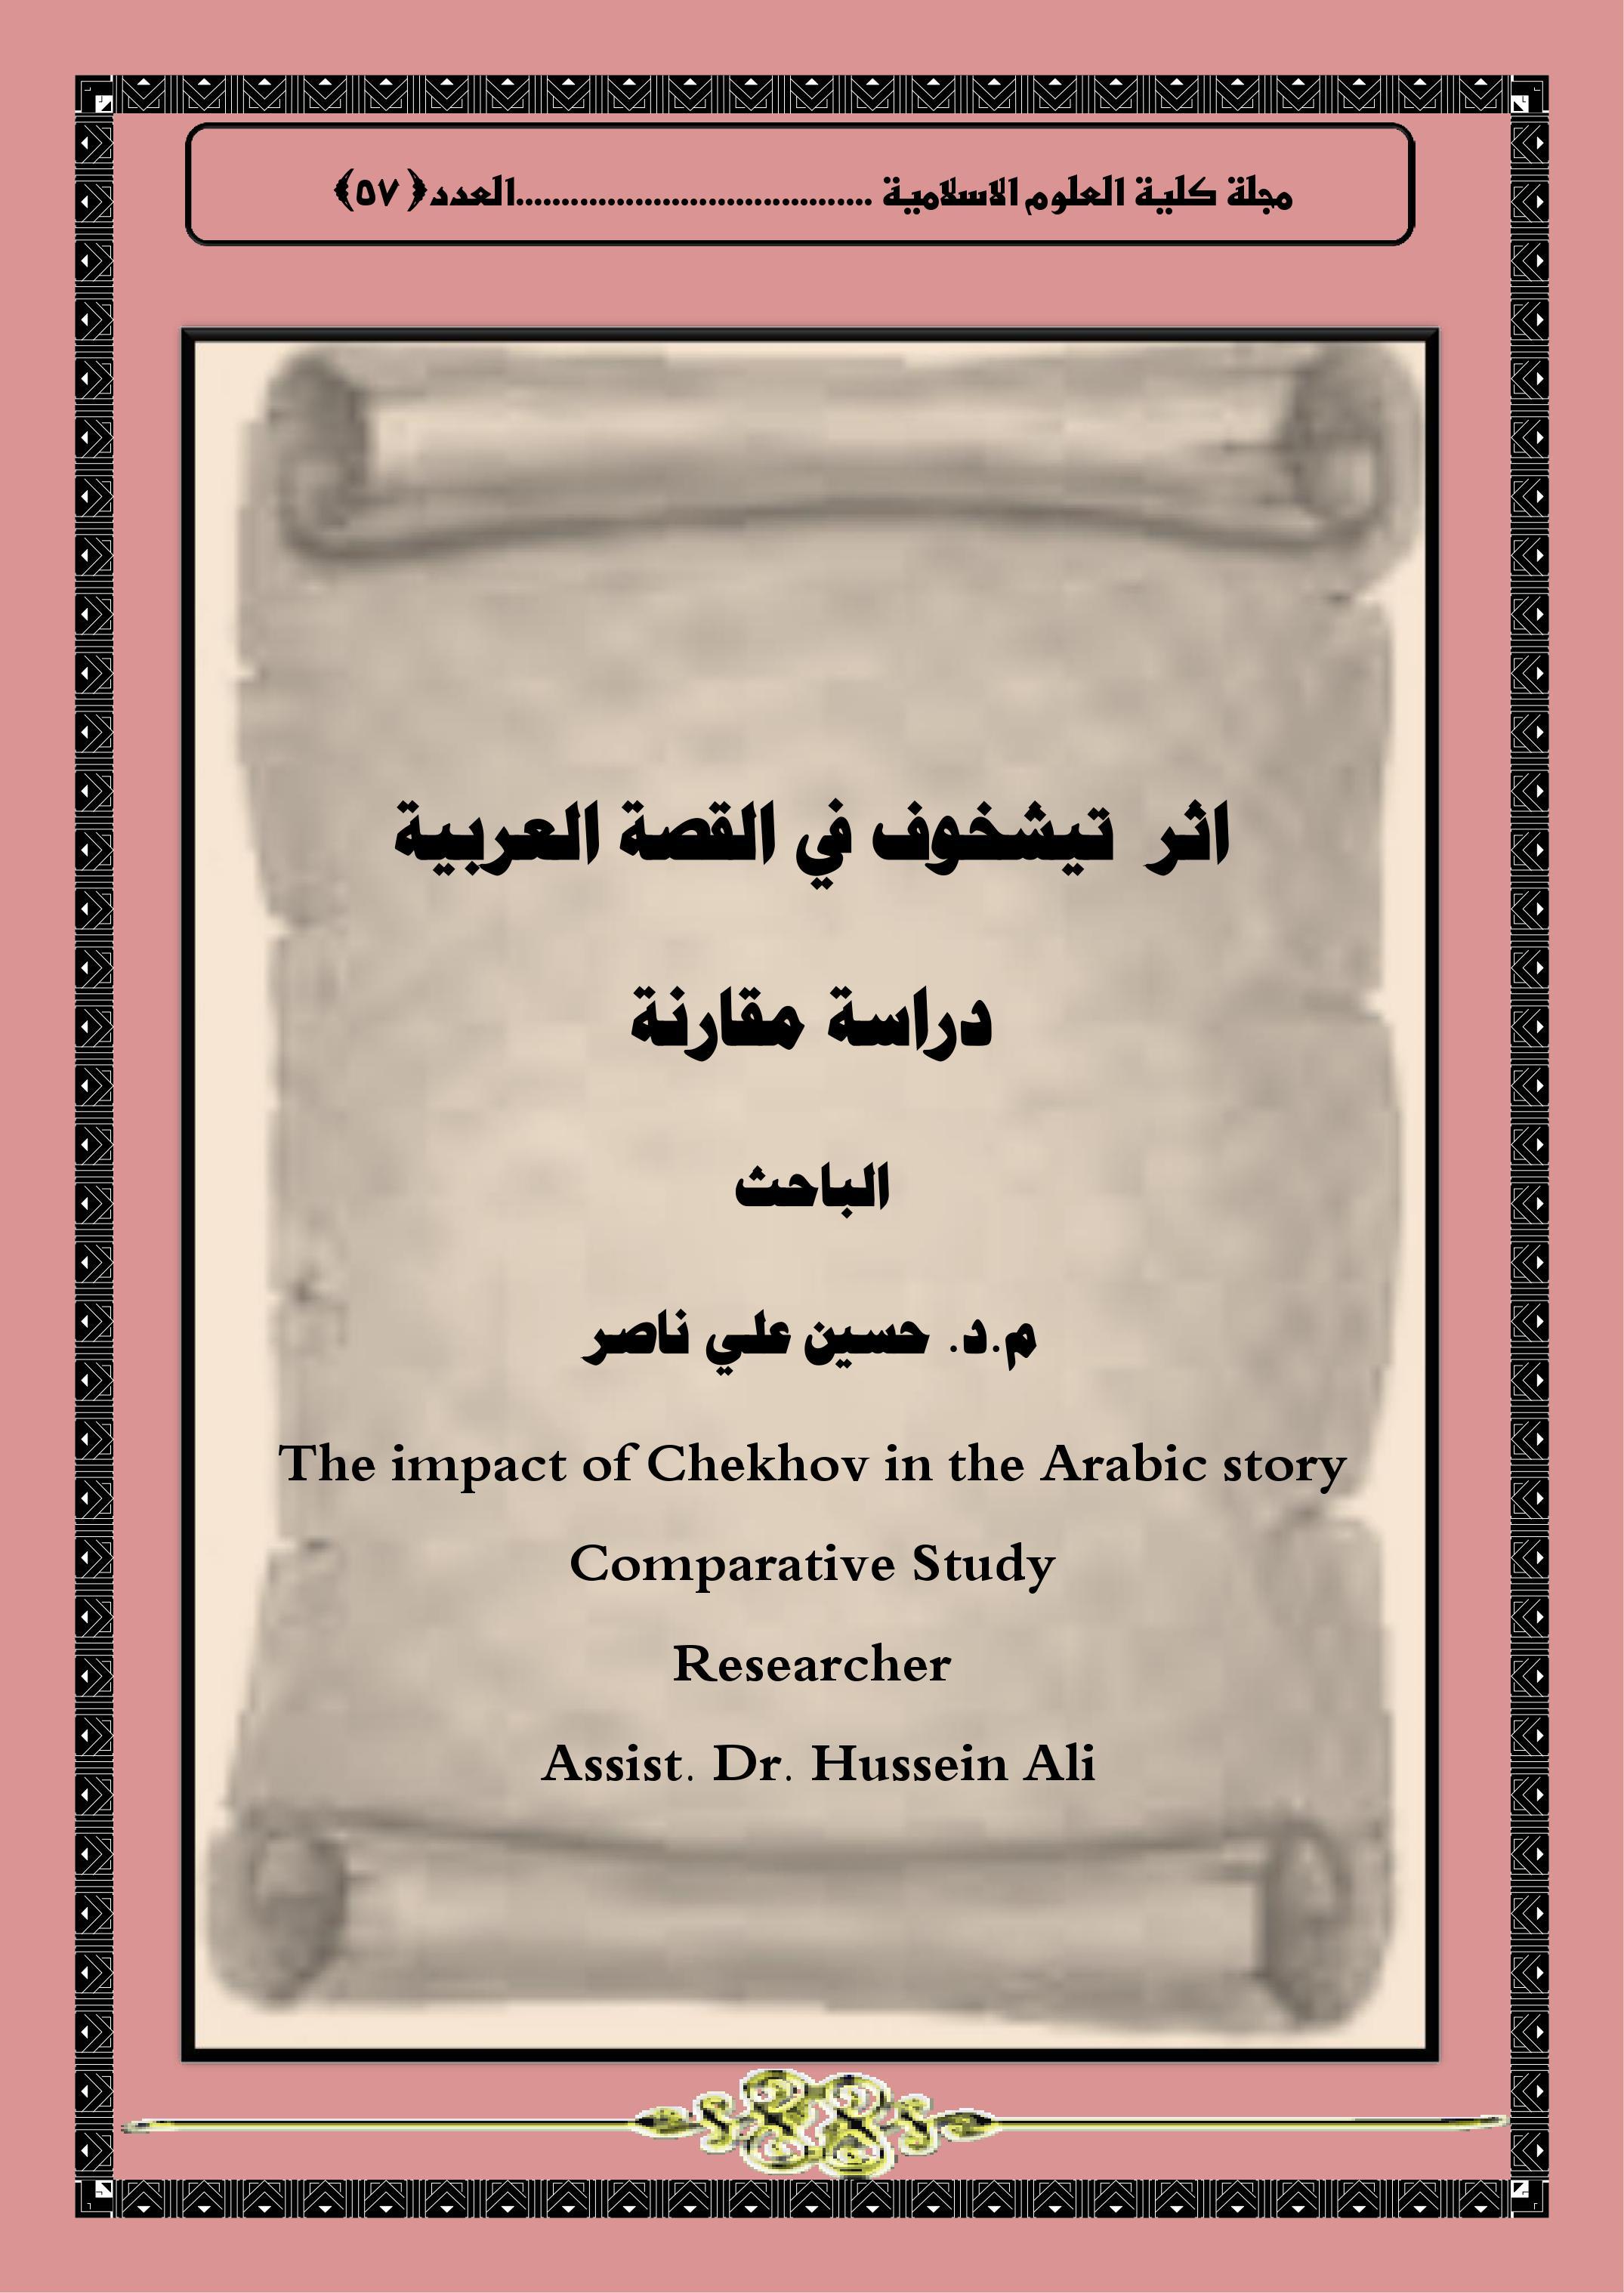 اثر  تيشخوف في القصة العربية دراسة مقارنة